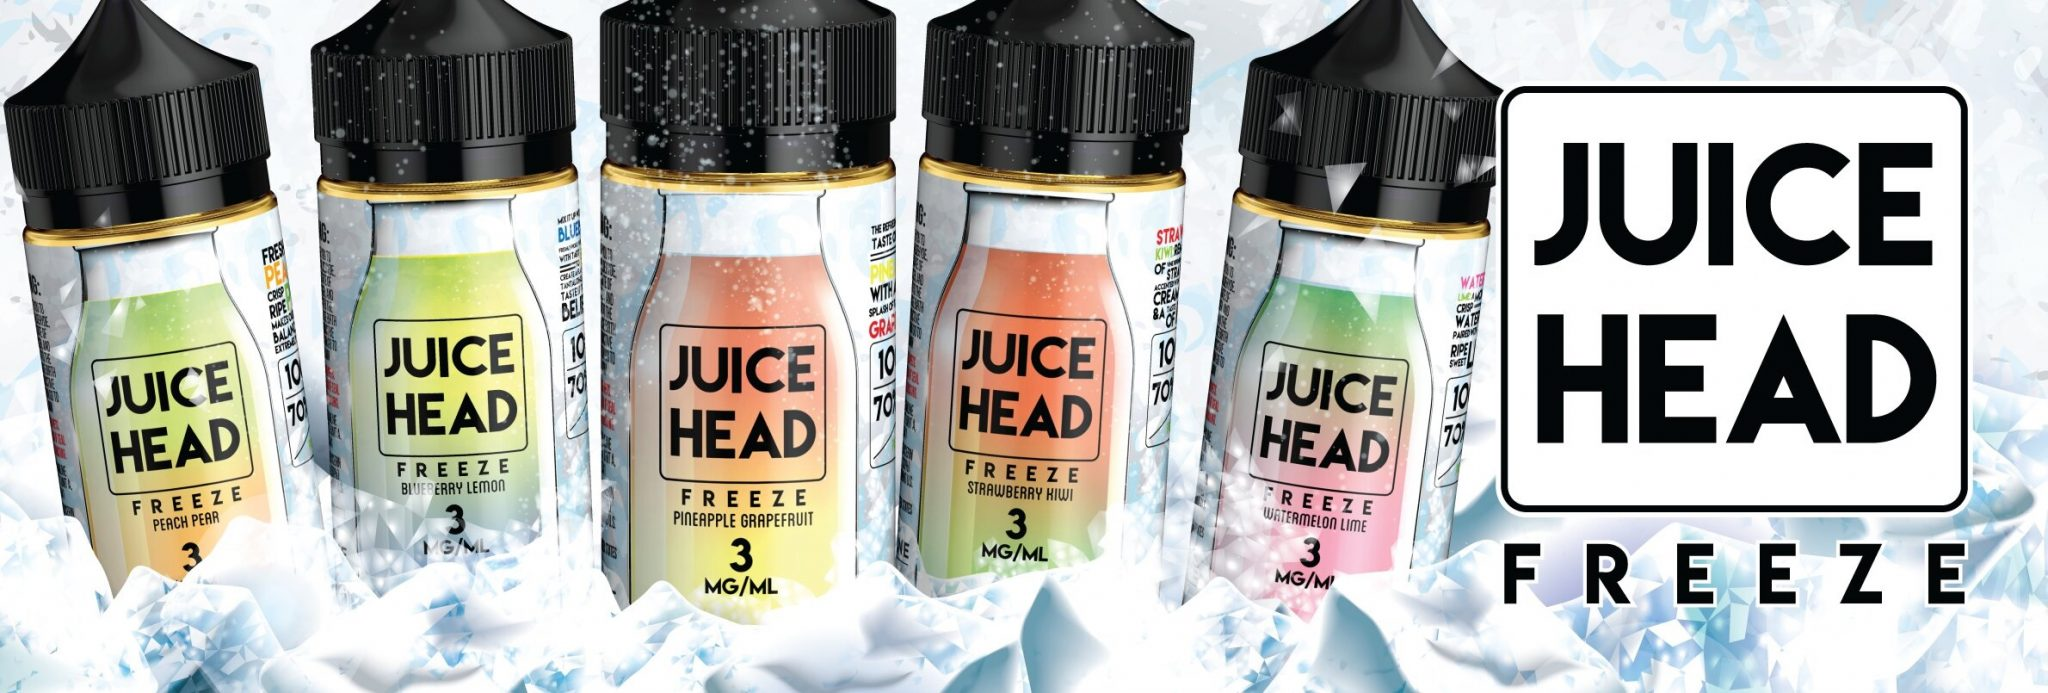 Juice Head Freeze Banner UK